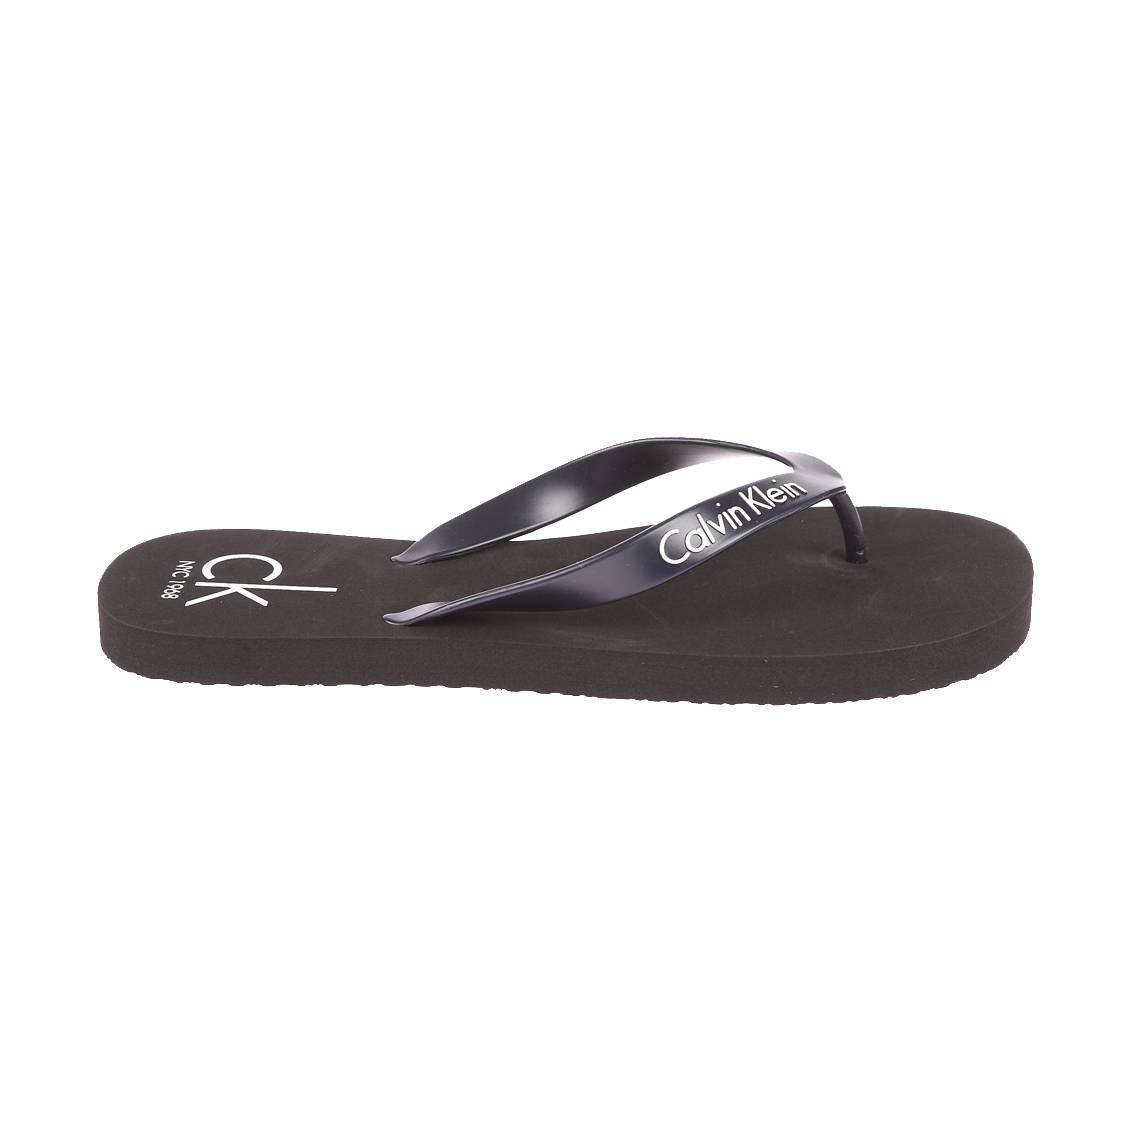 Tongs calvin klein ff sandals noires